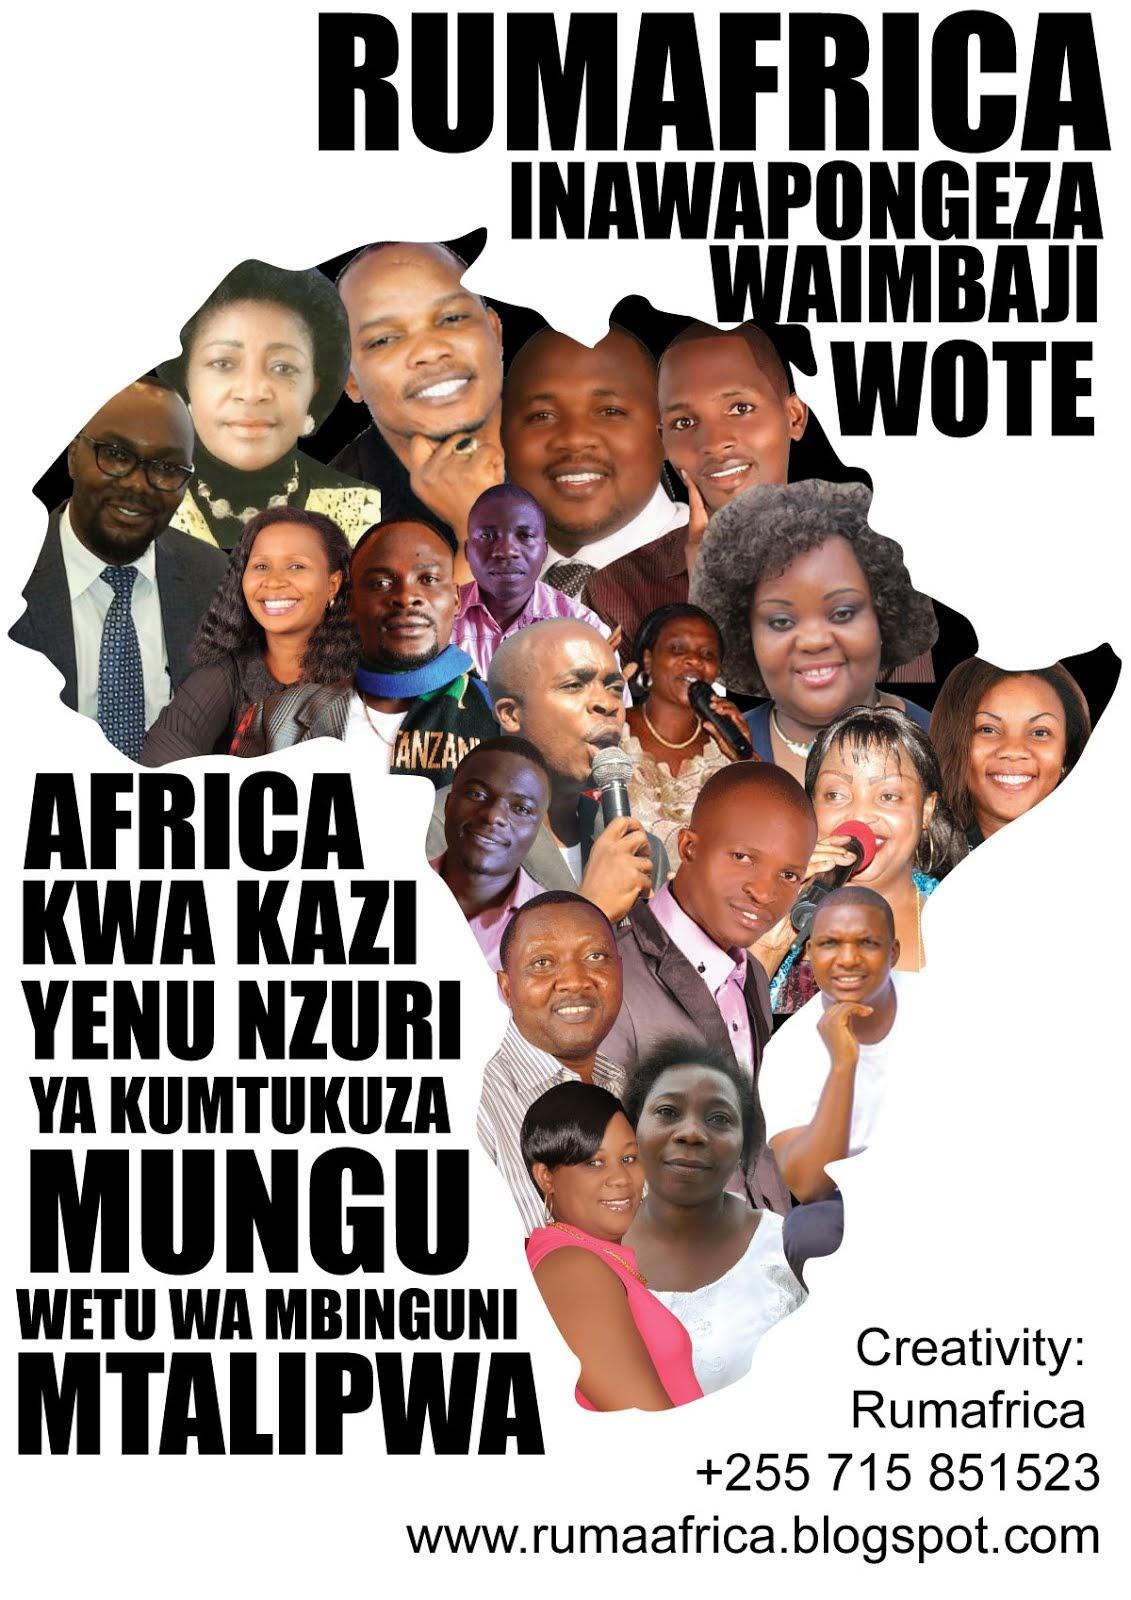 TUNAWAPONGEZA WAIMBAJI WA TANZANIA